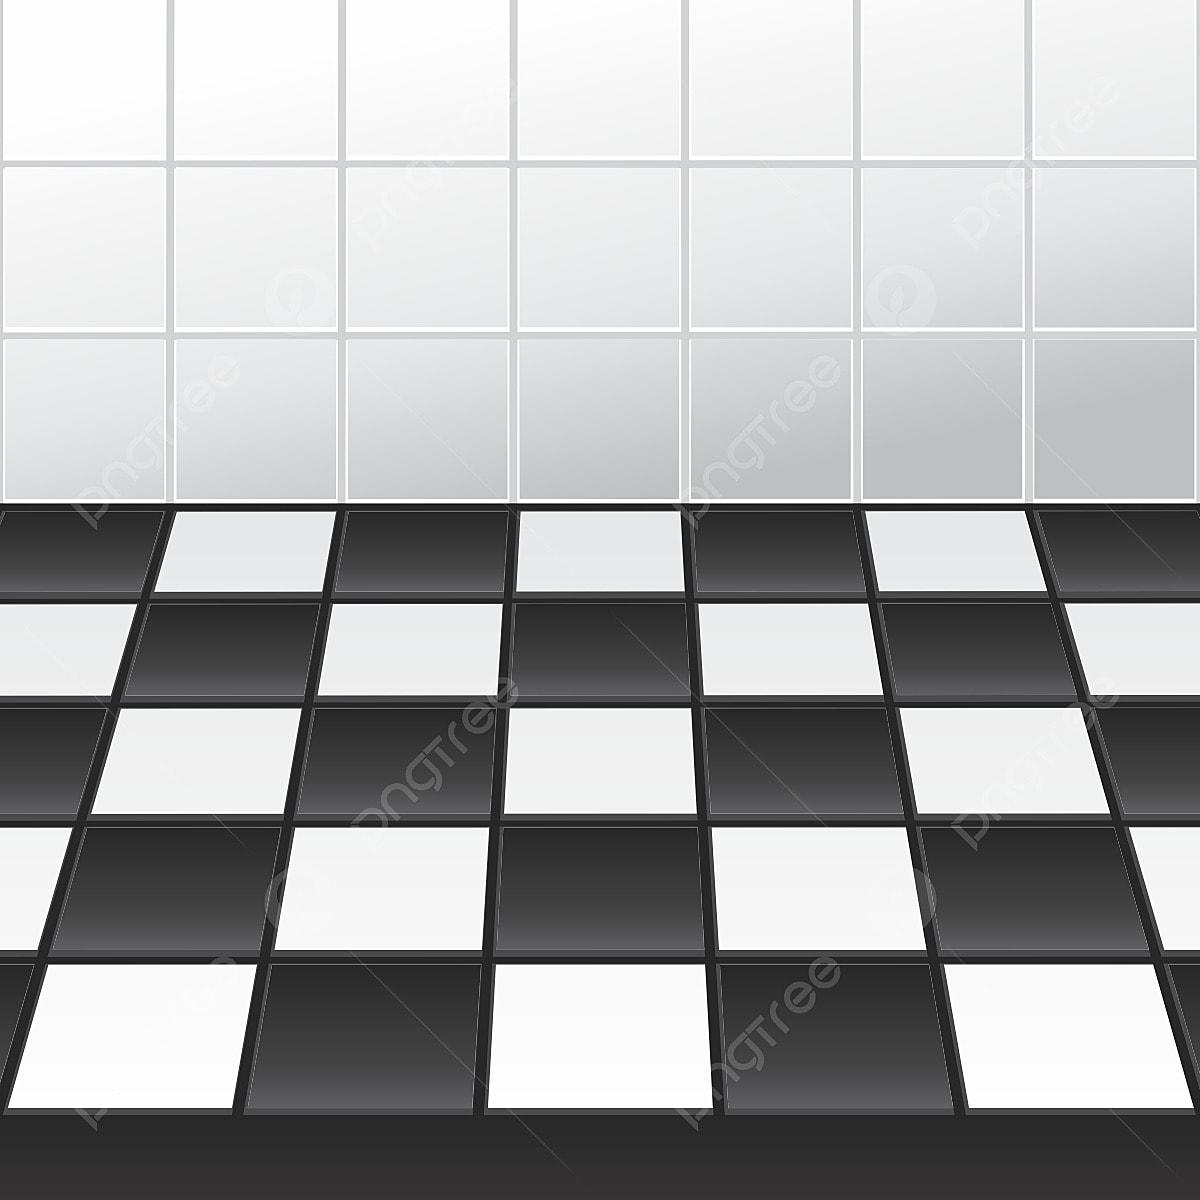 Carreaux Noir Et Blanc Cuisine du carrelage noir et blanc, cuisine, tuiles, plancher image